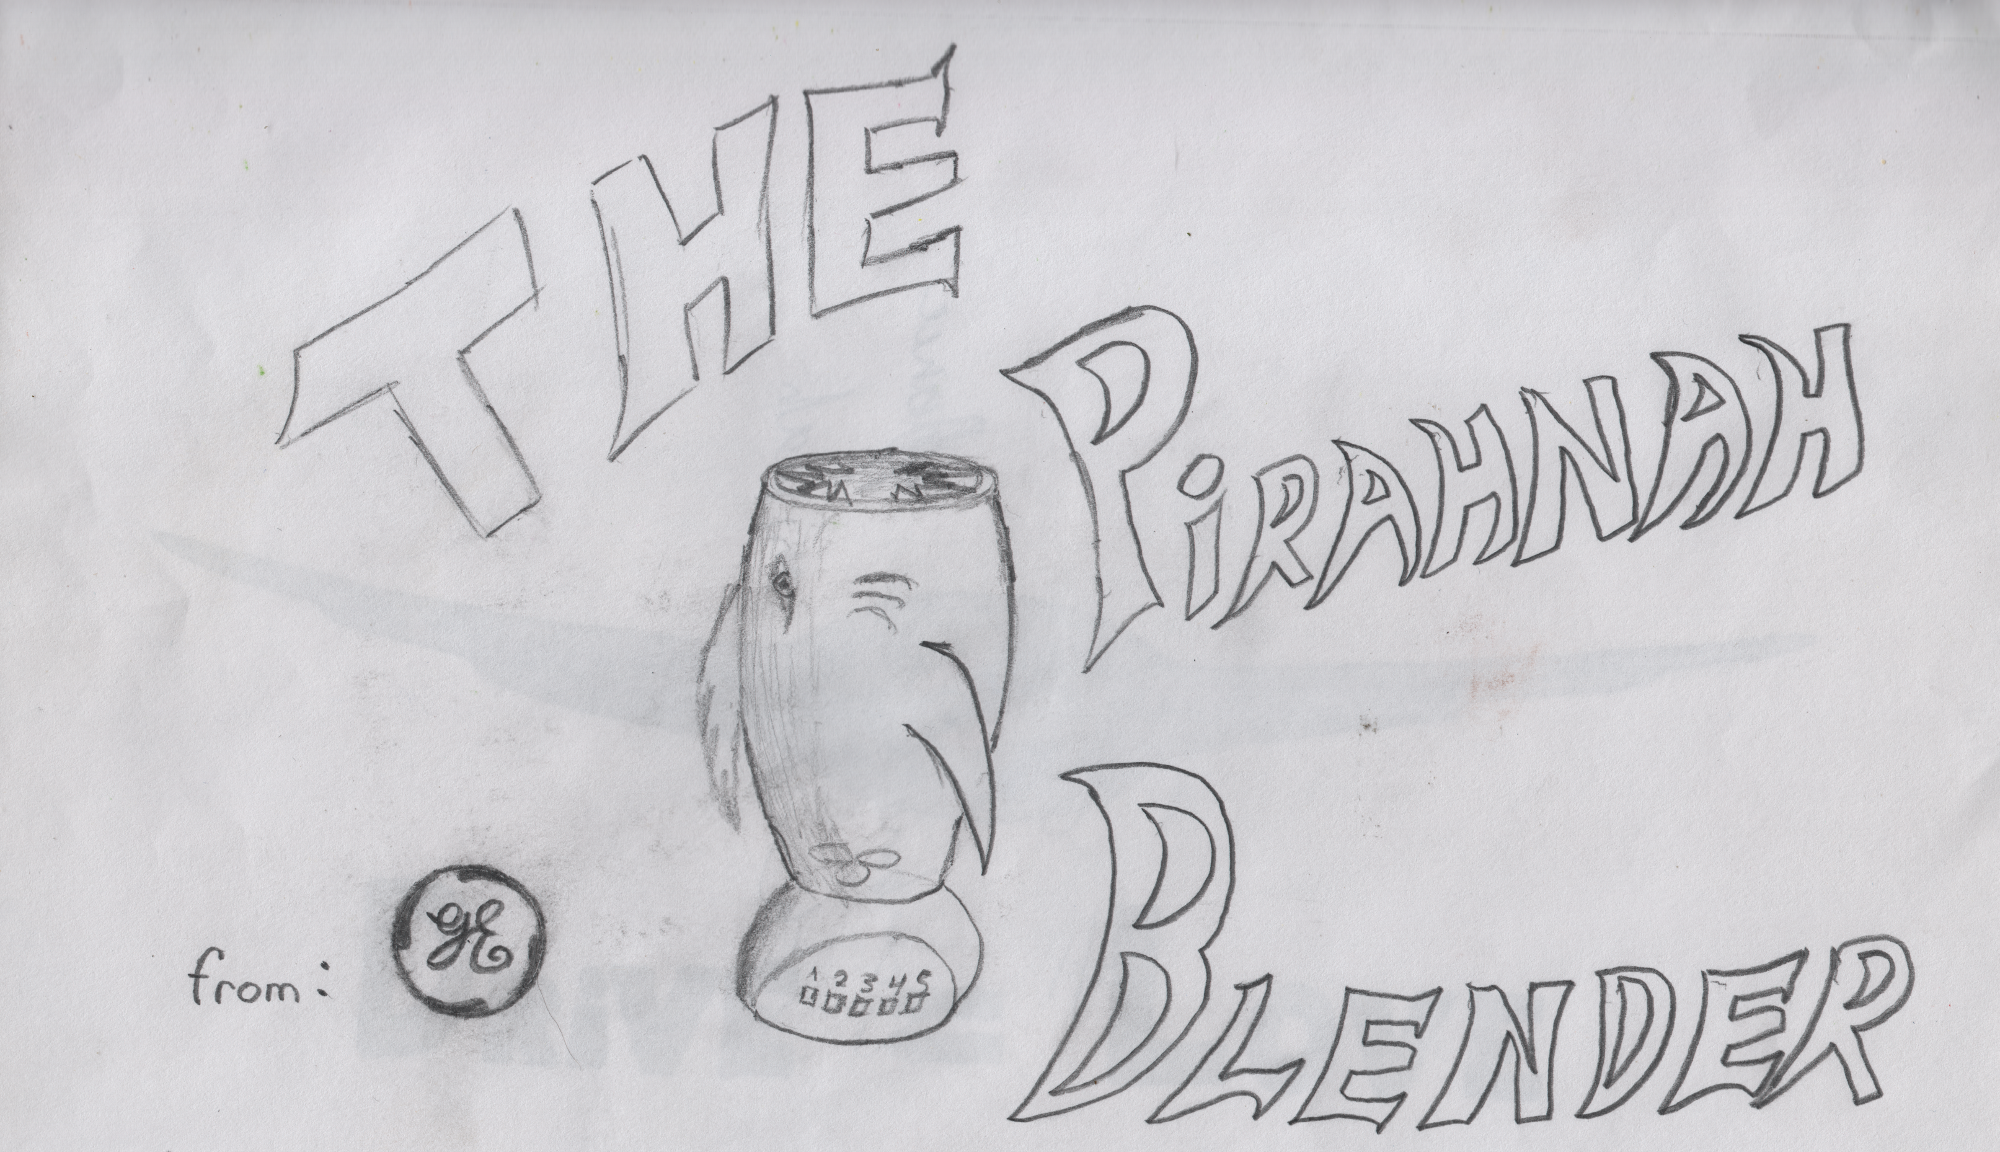 Piranha Blender